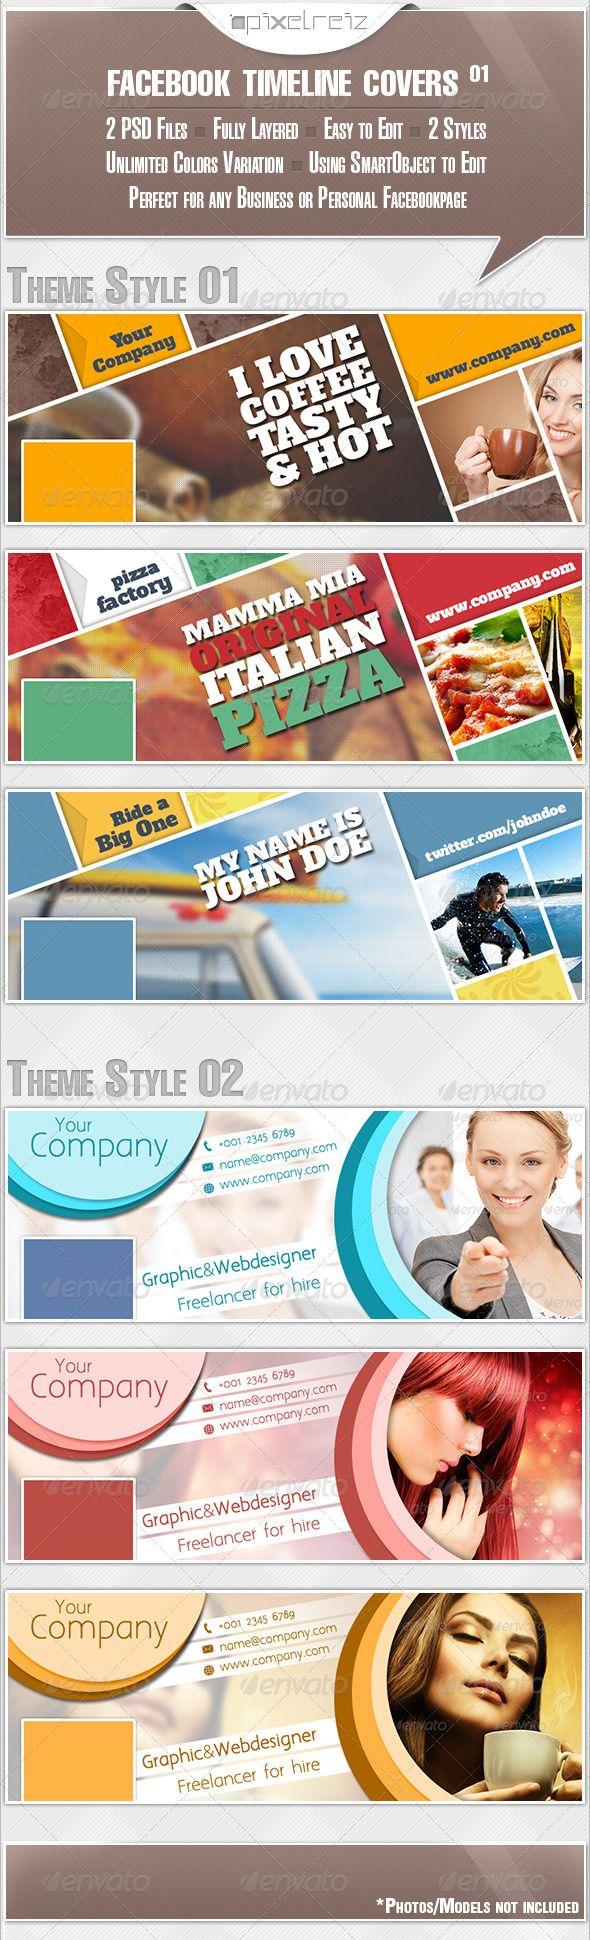 Facebook Timeline Covers 01 - Facebook Timeline Covers Social Media